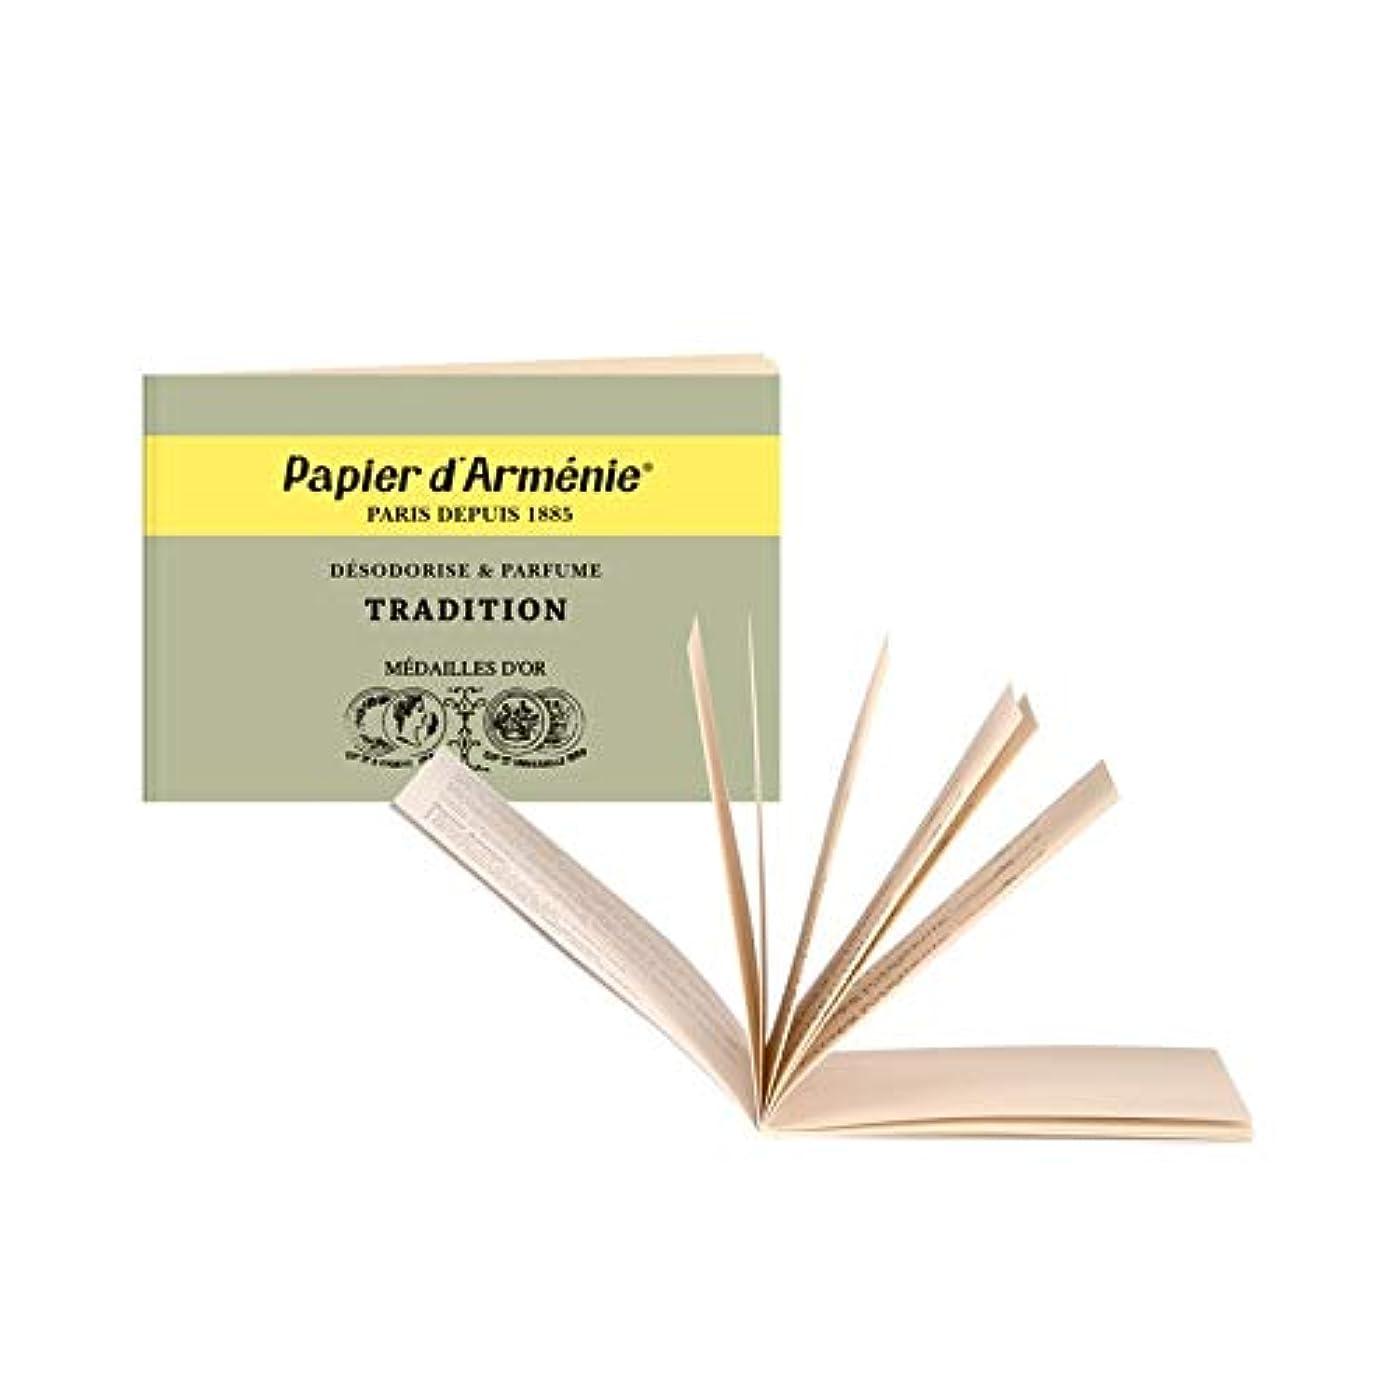 整然とした不幸増幅Papier d'Arménie パピエダルメニイ トリプル 紙のお香 フランス直送 3個セット [並行輸入品]